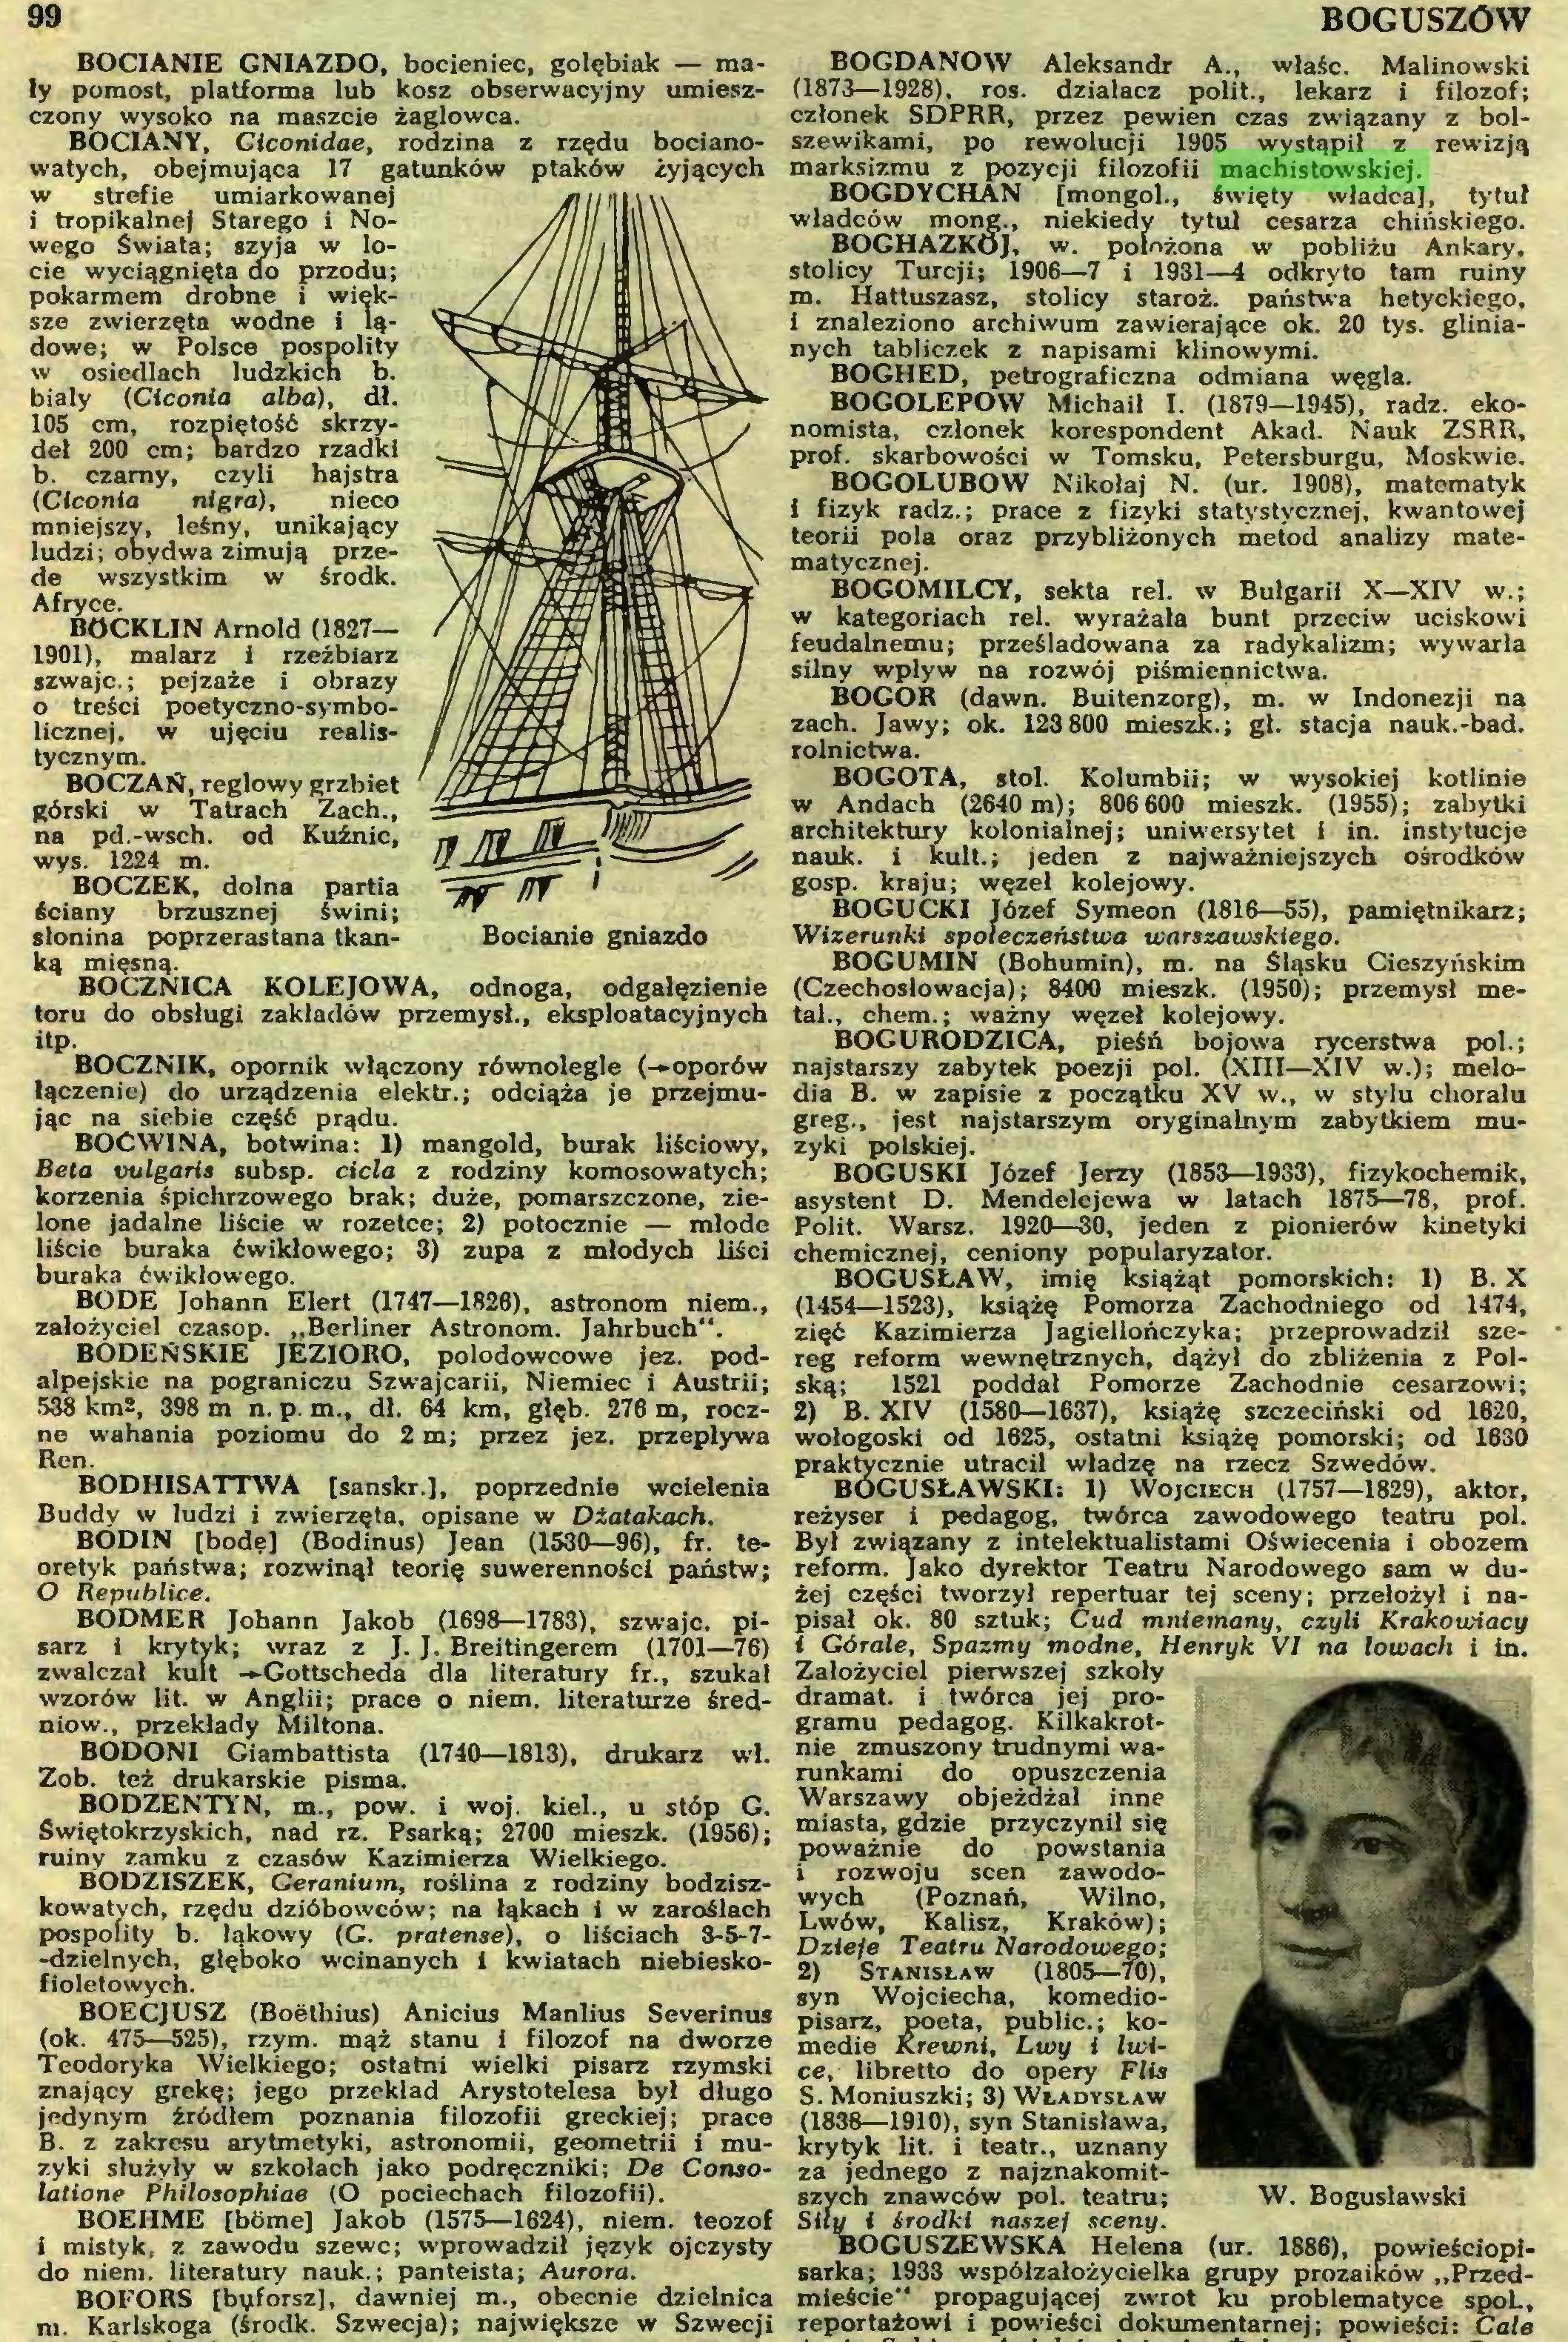 (...) BOFORS [bęforsz], dawniej m., obecnie dzielnica m. Karlskoga (środk. Szwecja); największe w Szwecji BOGUSZÓW BOGDANÓW Aleksandr A., właśc. Malinowski (1873—1928), ros. działacz polit., lekarz i filozof; członek SDPRR, przez pewien czas związany z bolszewikami, po rewolucji 1905 wystąpił z rewizją marksizmu z pozycji filozofii machistowskiej...